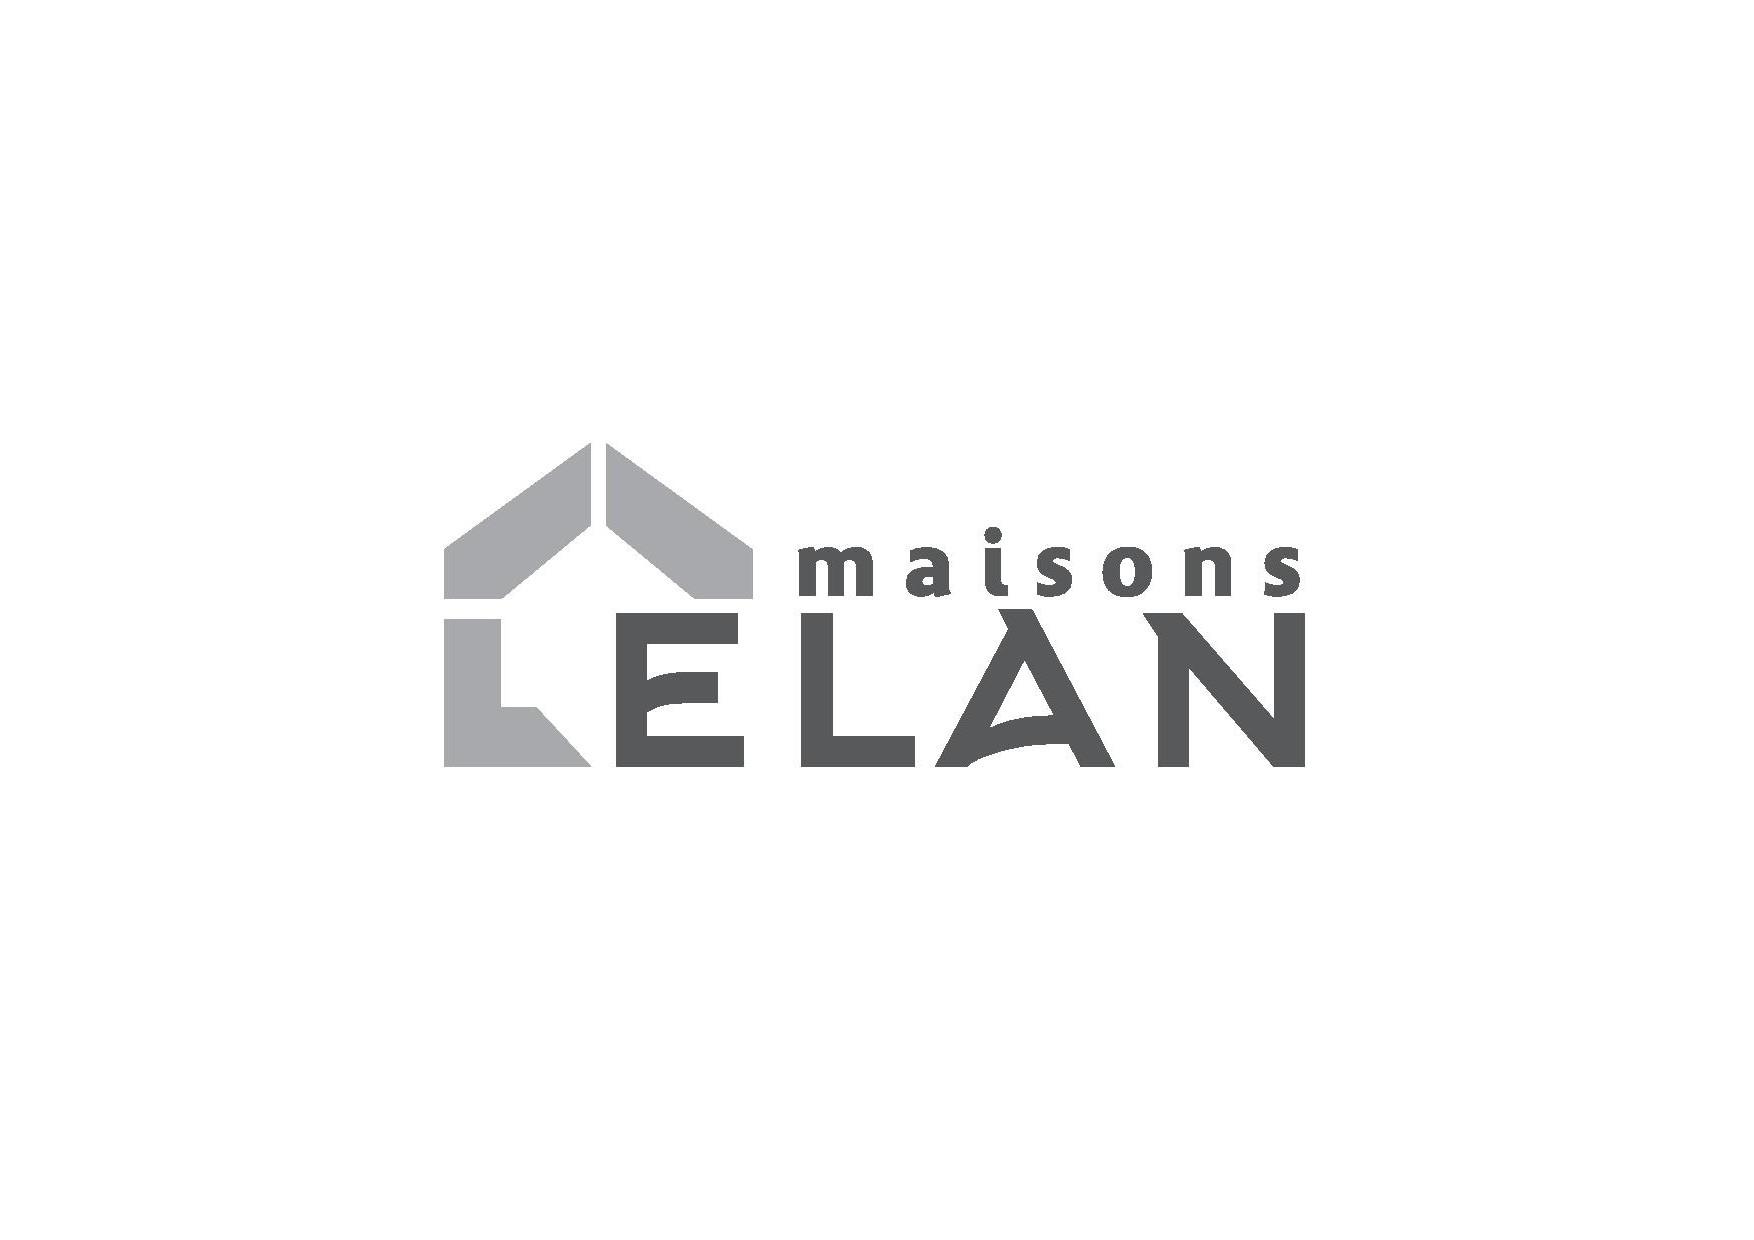 Maisons Elan